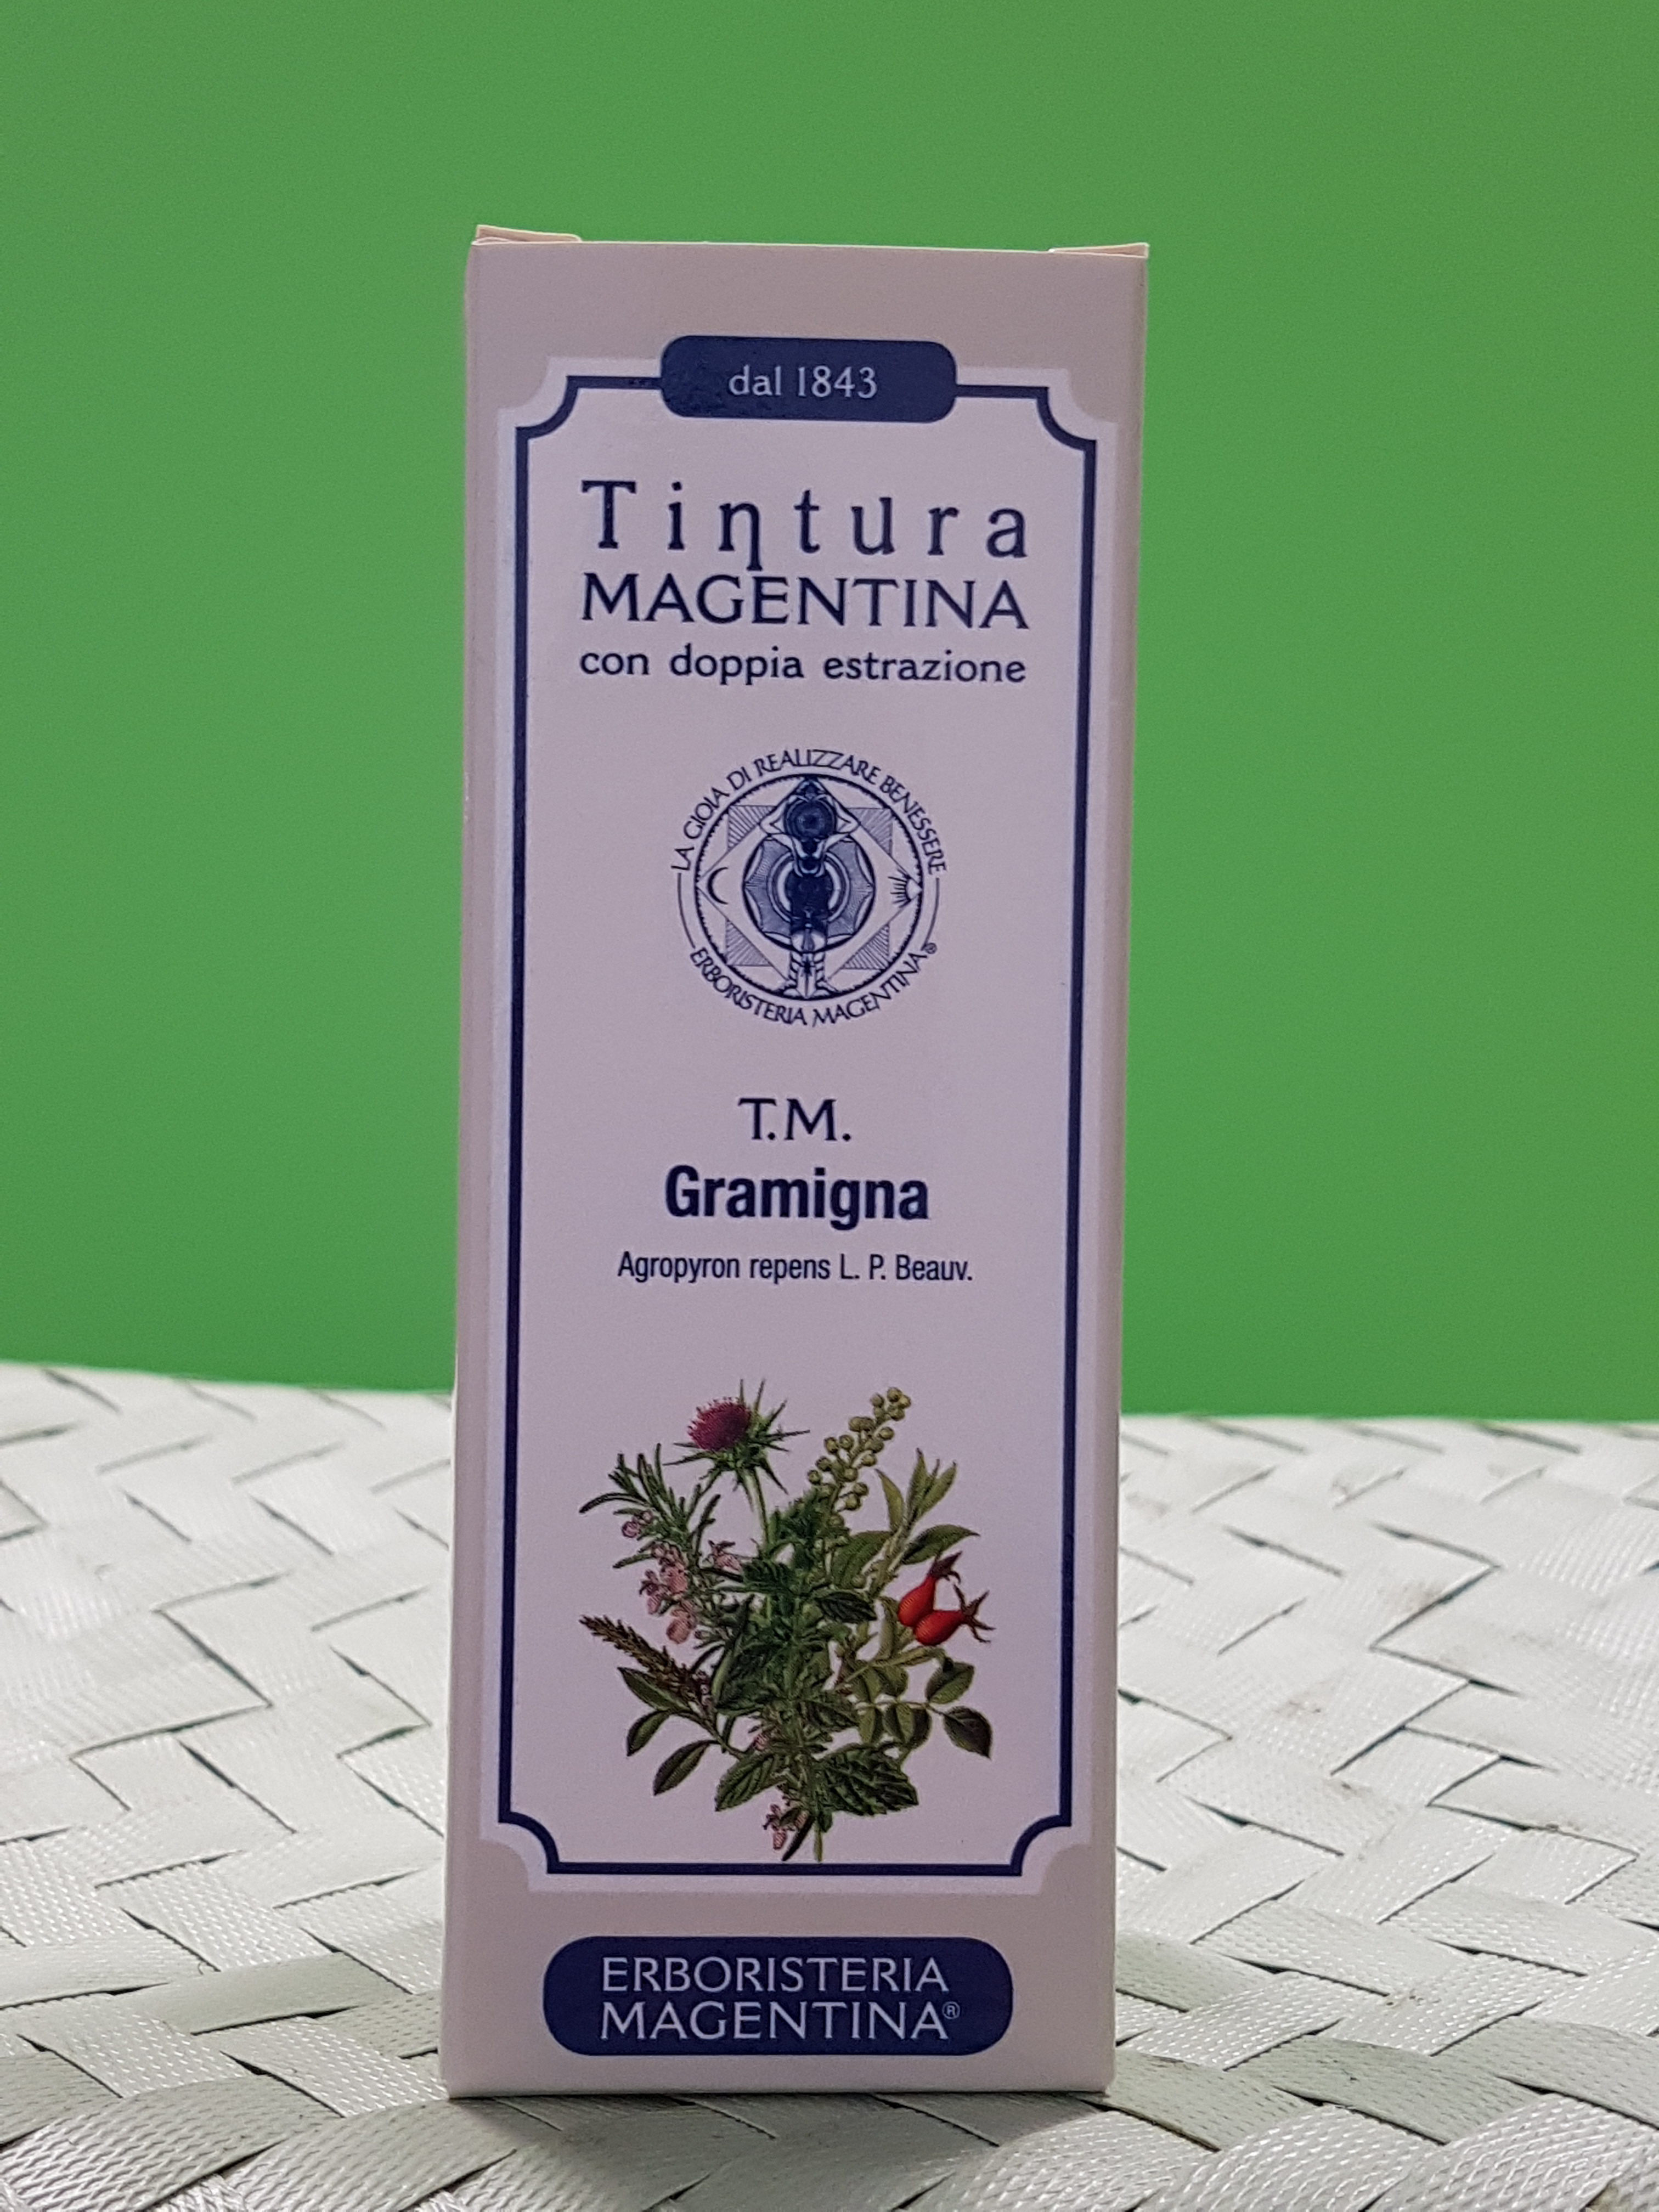 Gramigna TM